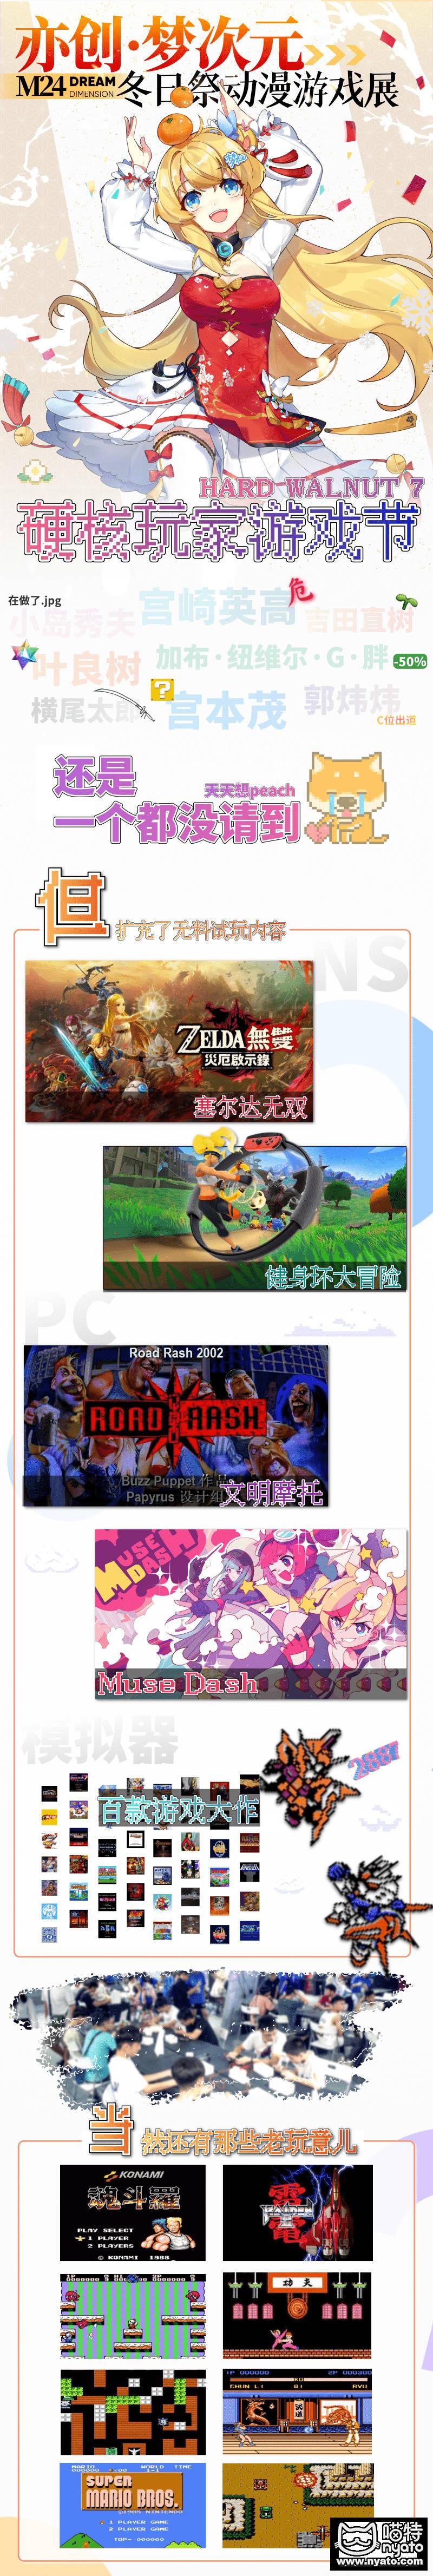 图片10M24梦次元HW7硬核玩家游戏节.png